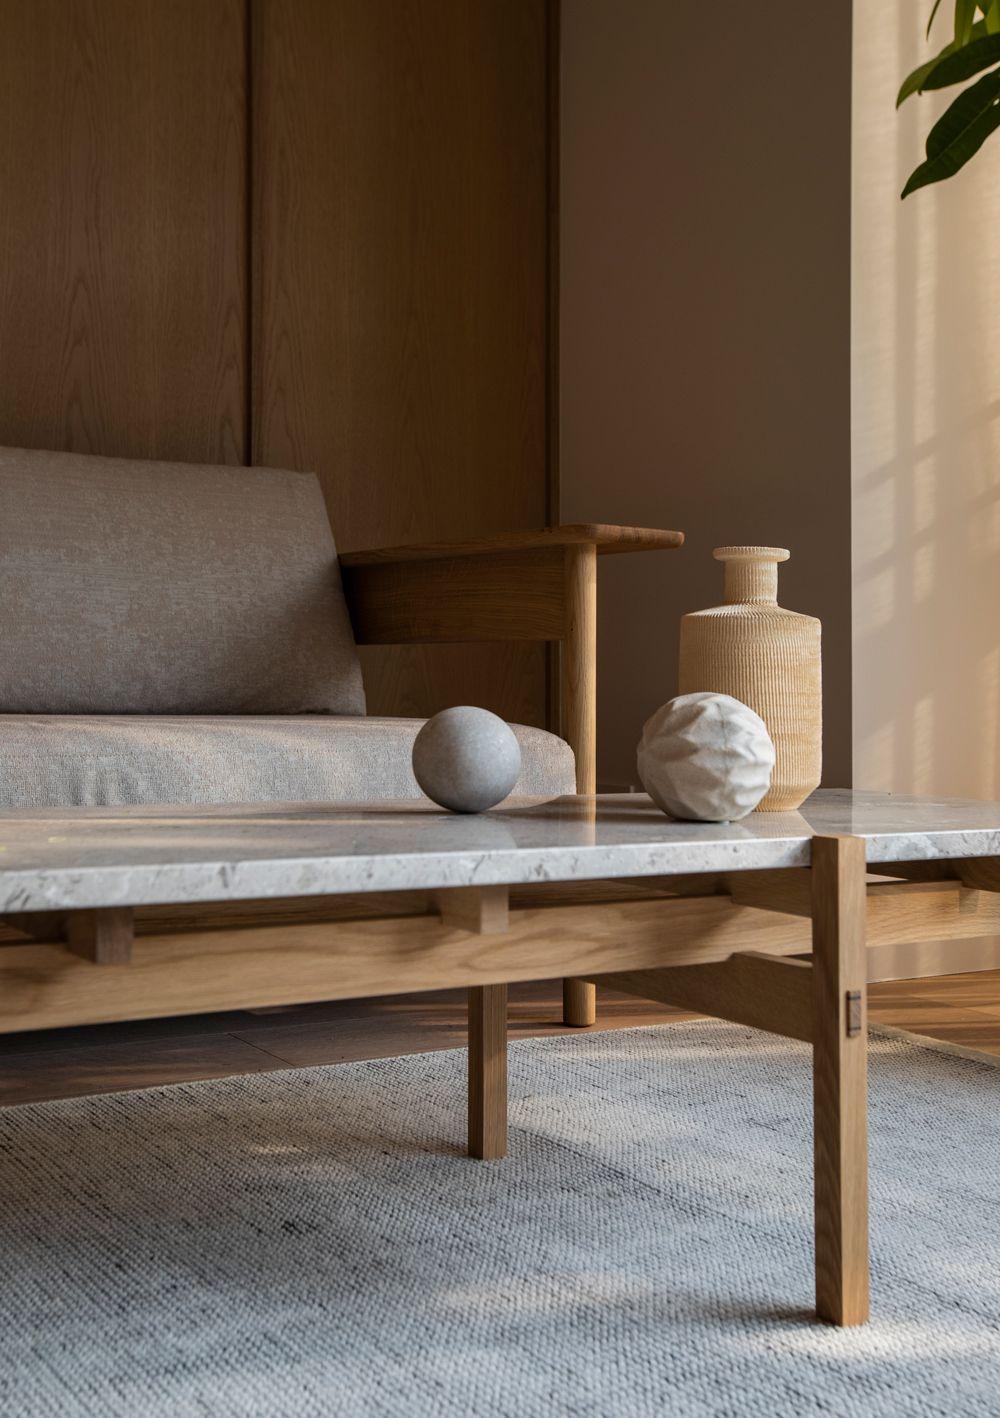 The Essential Esthetics Of Balance And Minimalism En 2020 Idee Deco Japonaise Appartement Minimaliste Design Interieur Japonais